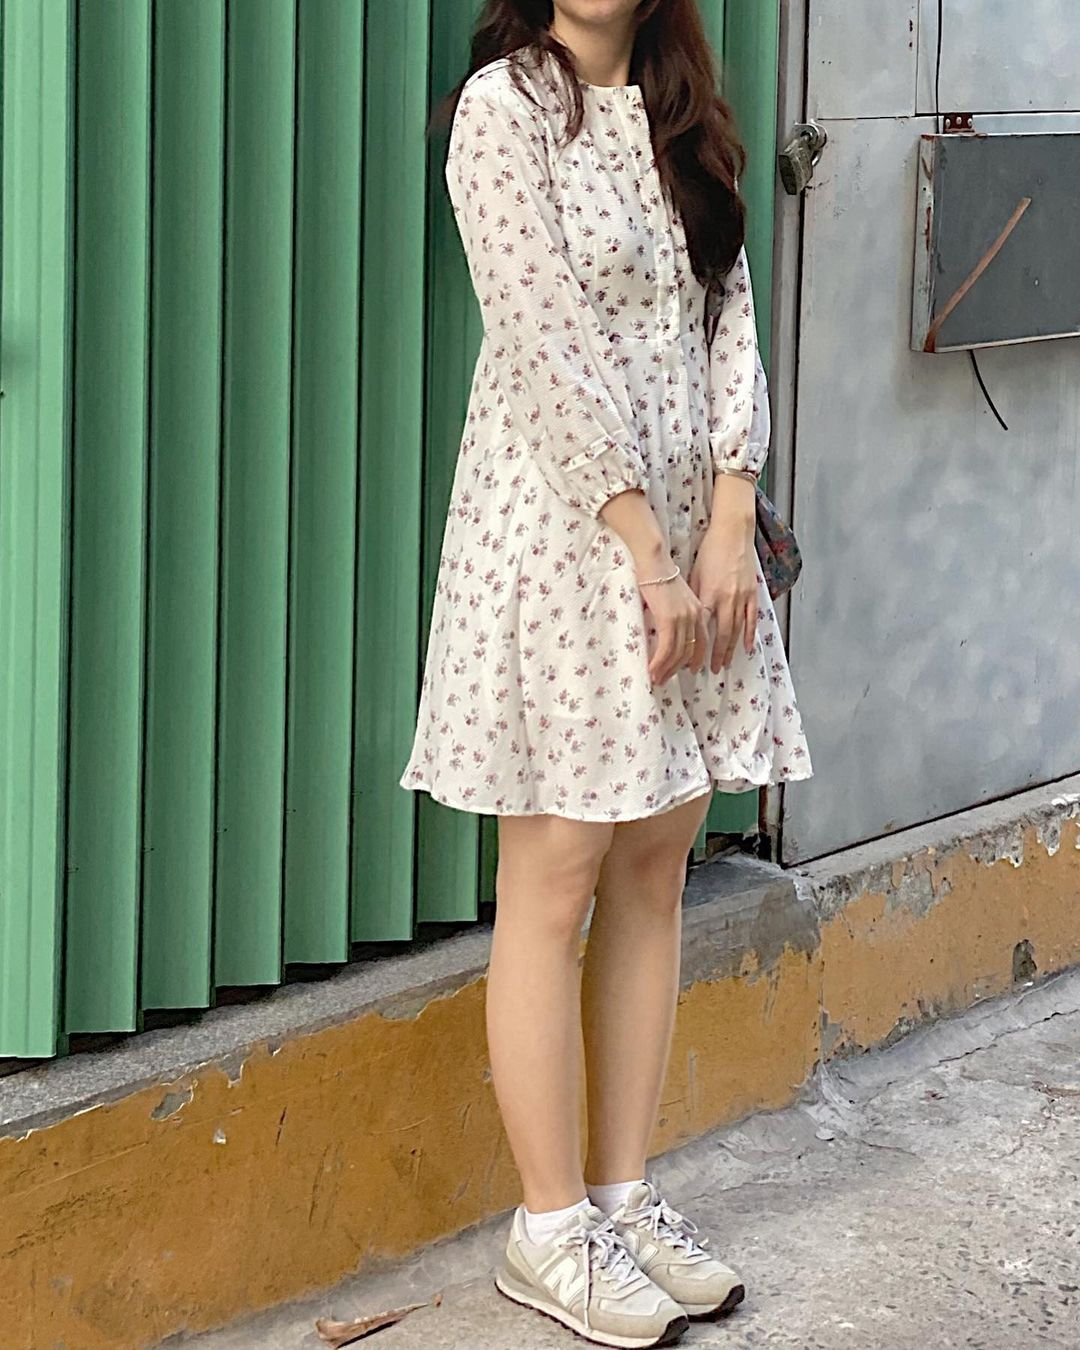 Thiều Bảo Trâm diện váy hoa xinh mê ly, bóc mác mới biết là hàng mua online chỉ 265k - Ảnh 6.